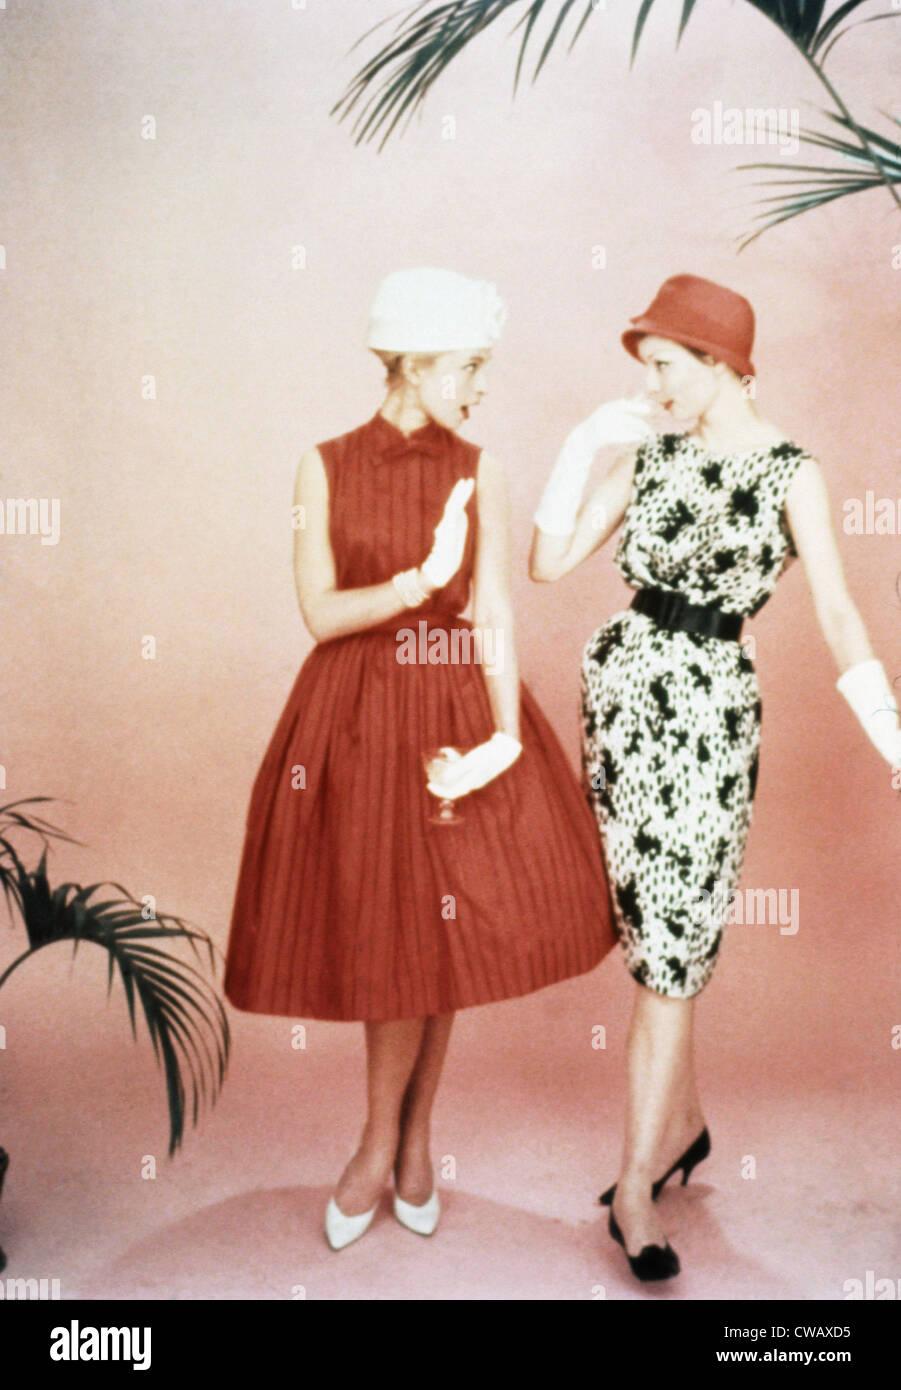 Moda de los años 1960. Cortesía: CSU Archives/Everett Collection Imagen De Stock